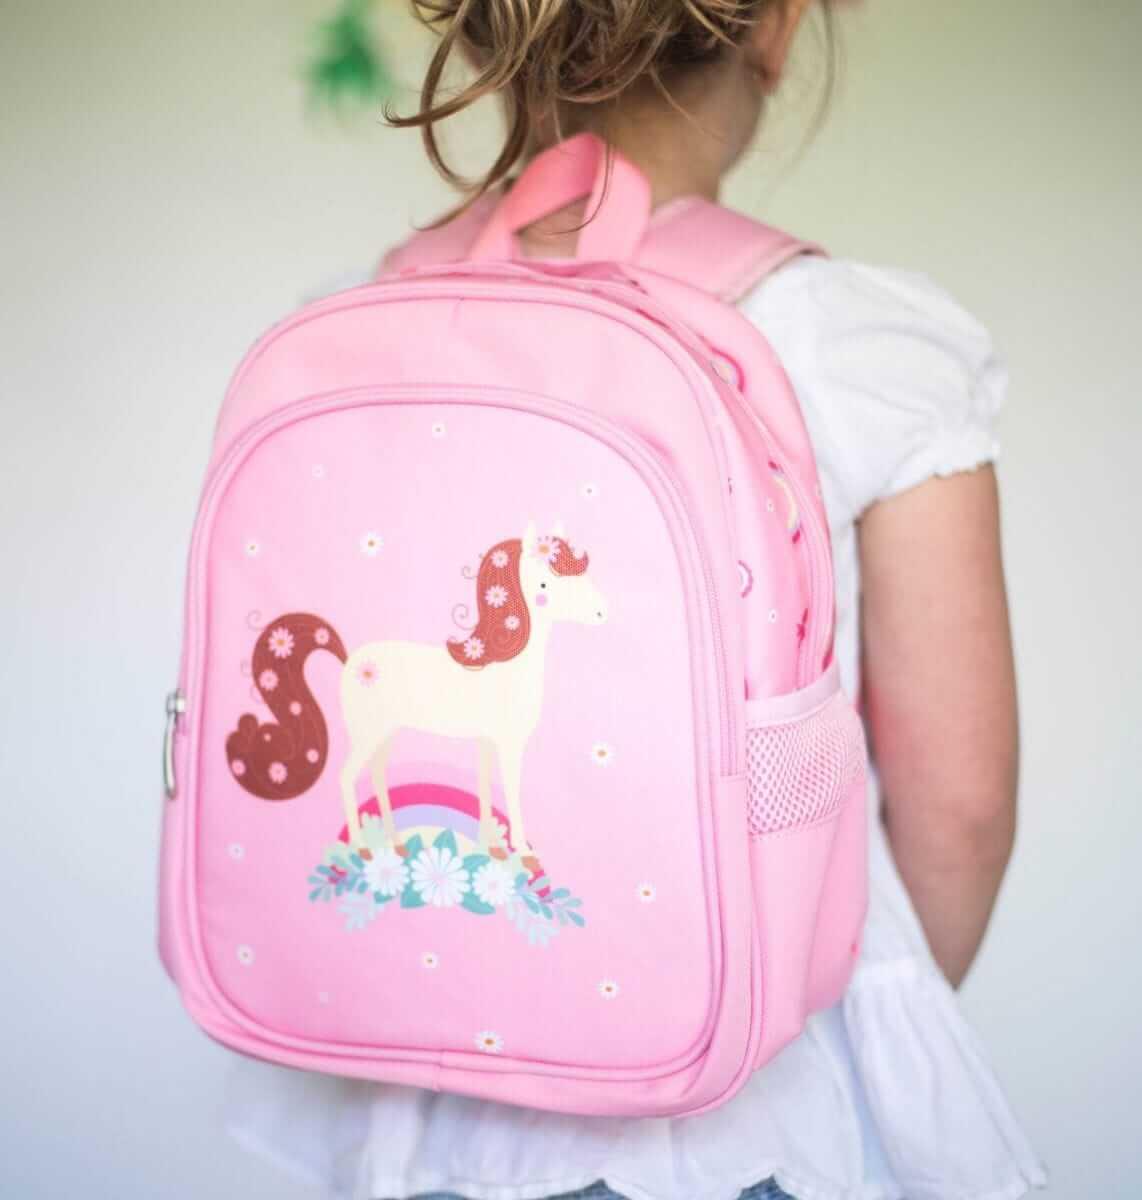 תיק גן לילדים דגם סוס